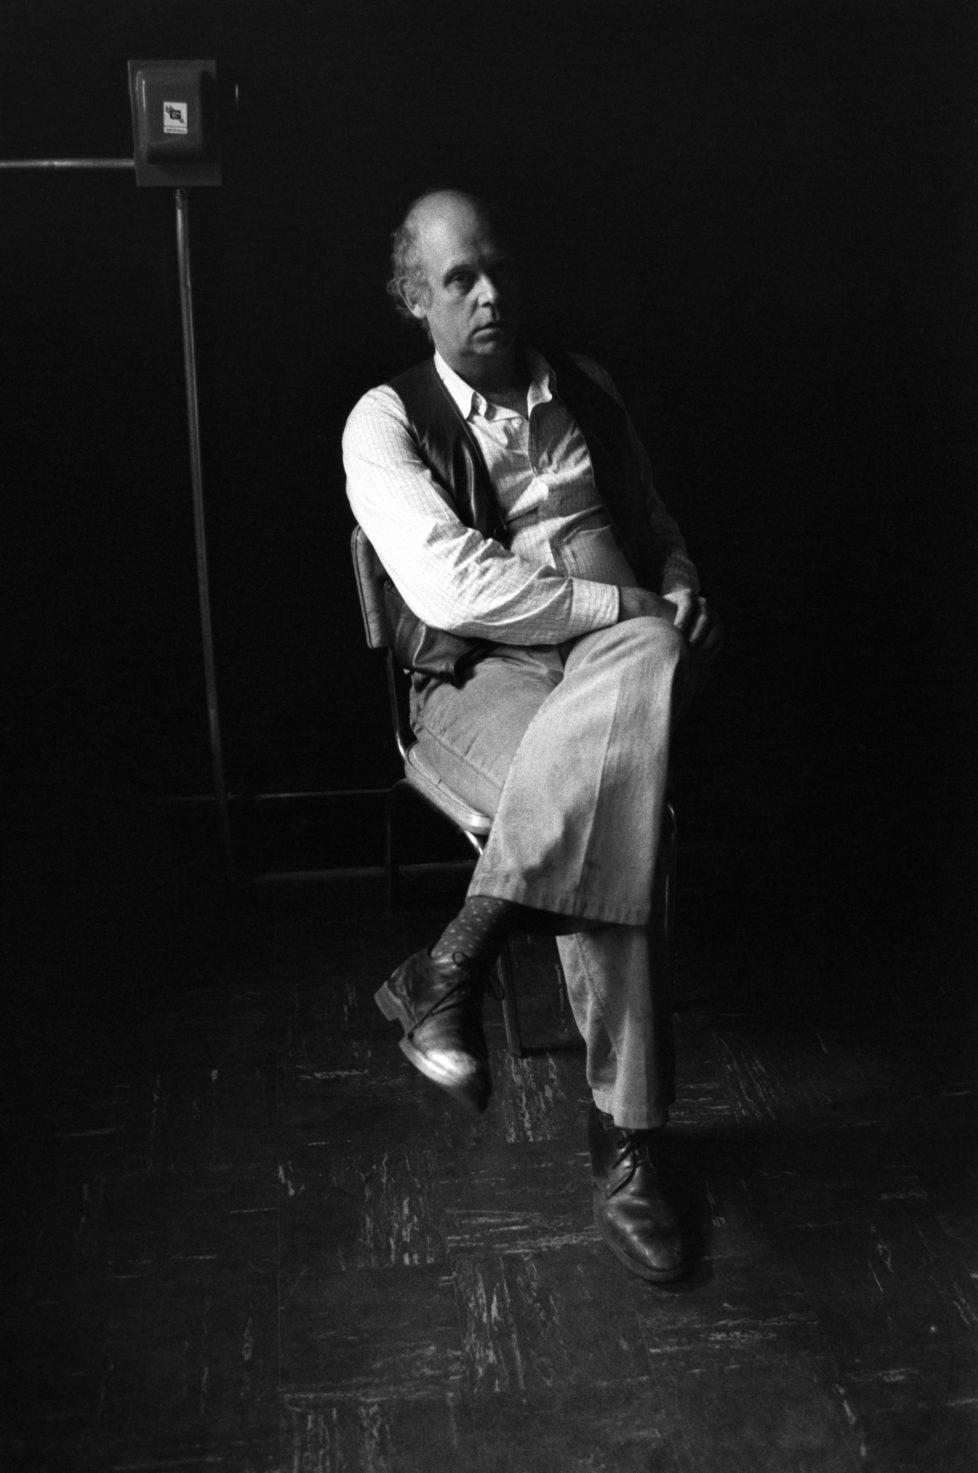 ** Bildseite 06.12.2016 ** Claes Oldenburg (*1929), New York, 1974